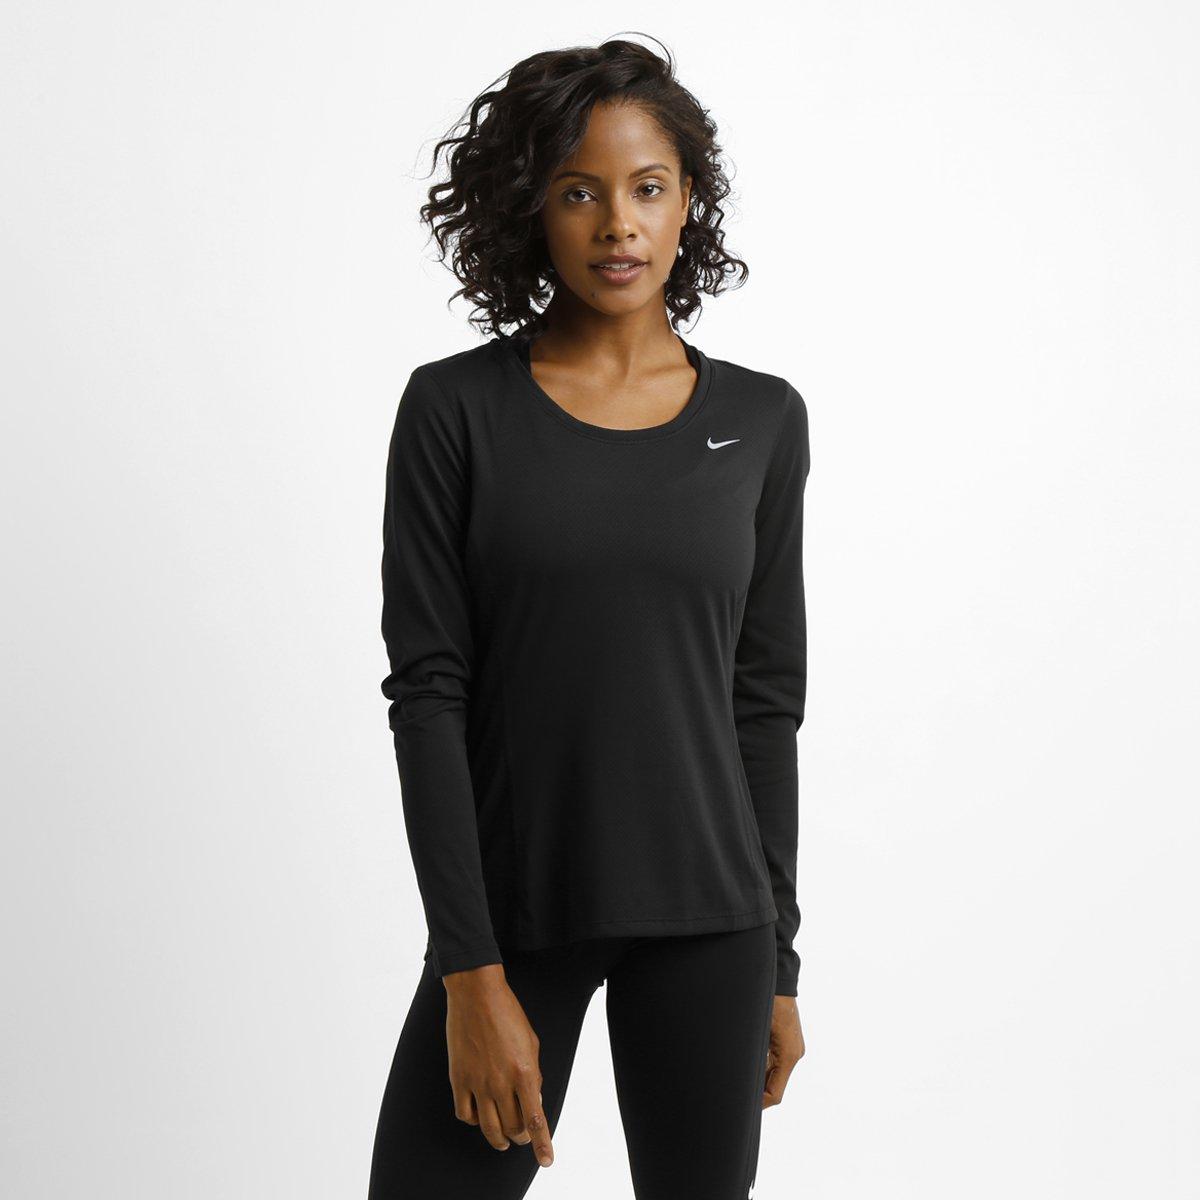 Camiseta Nike Dri-Fit Contour M L - Compre Agora  3e33a69c5dc70